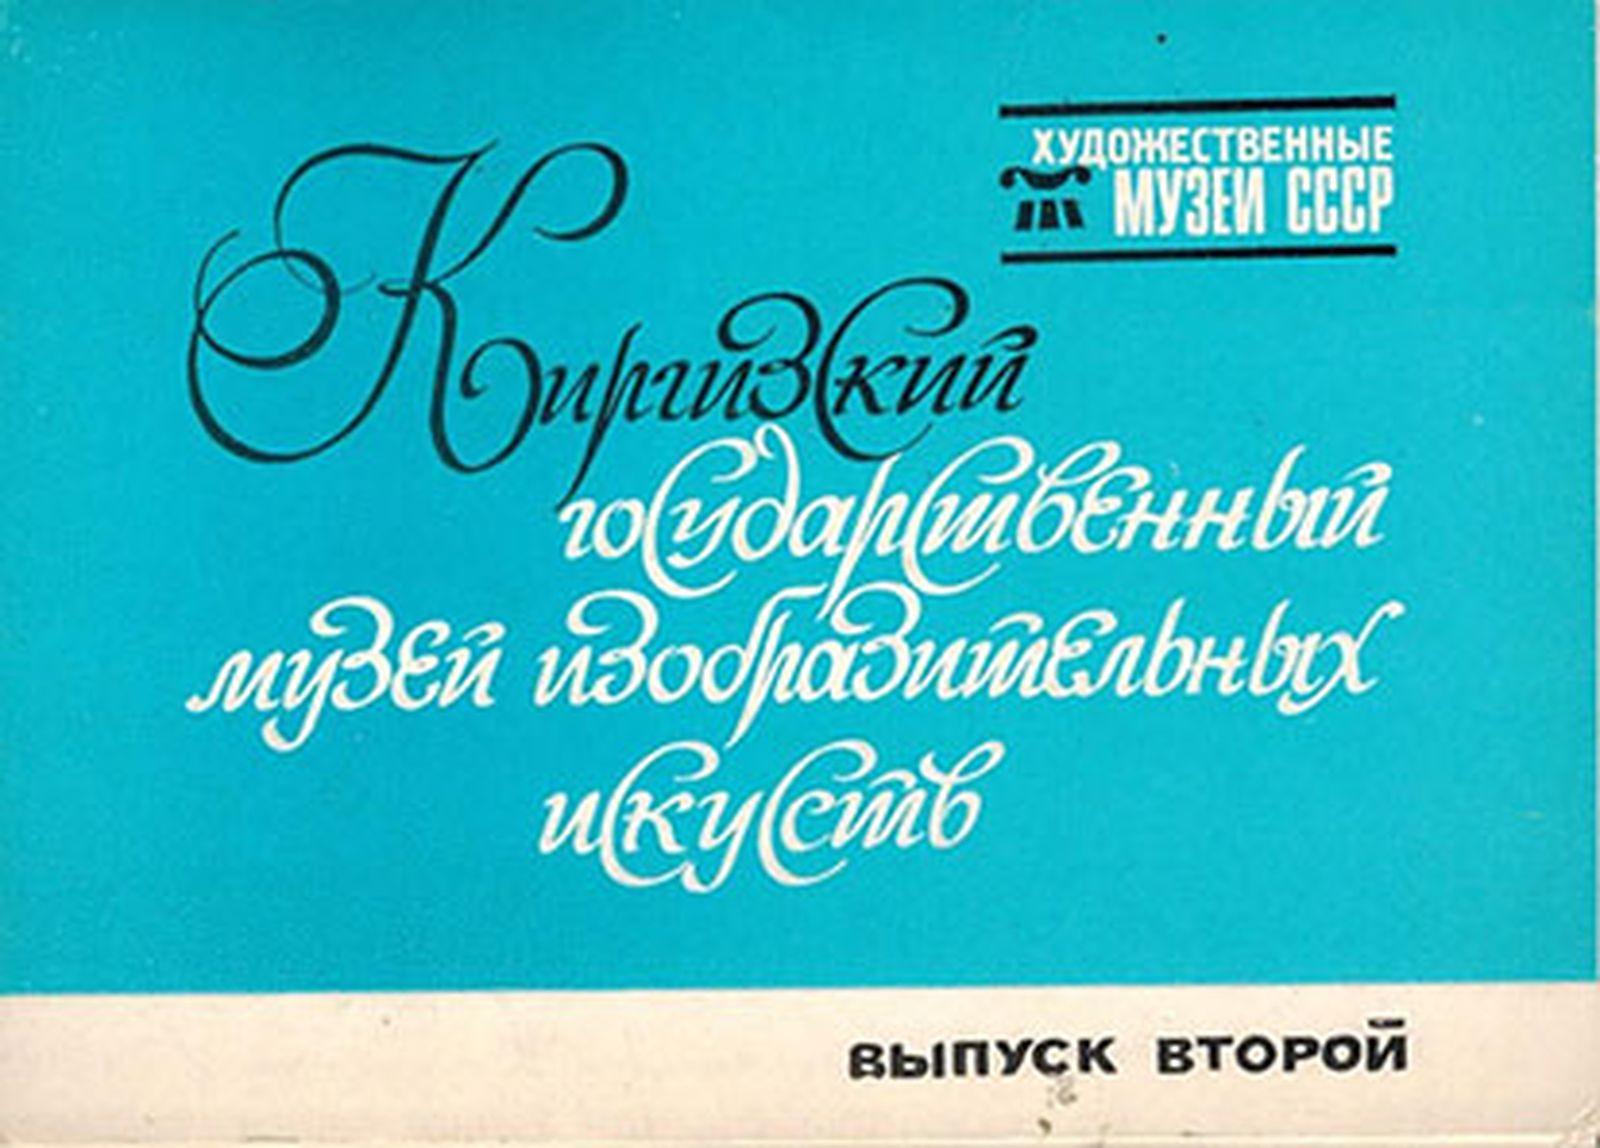 Киргизский государственный музей. Выпуск 2 (набор из 16 открыток) московский государственный музей дом бурганова